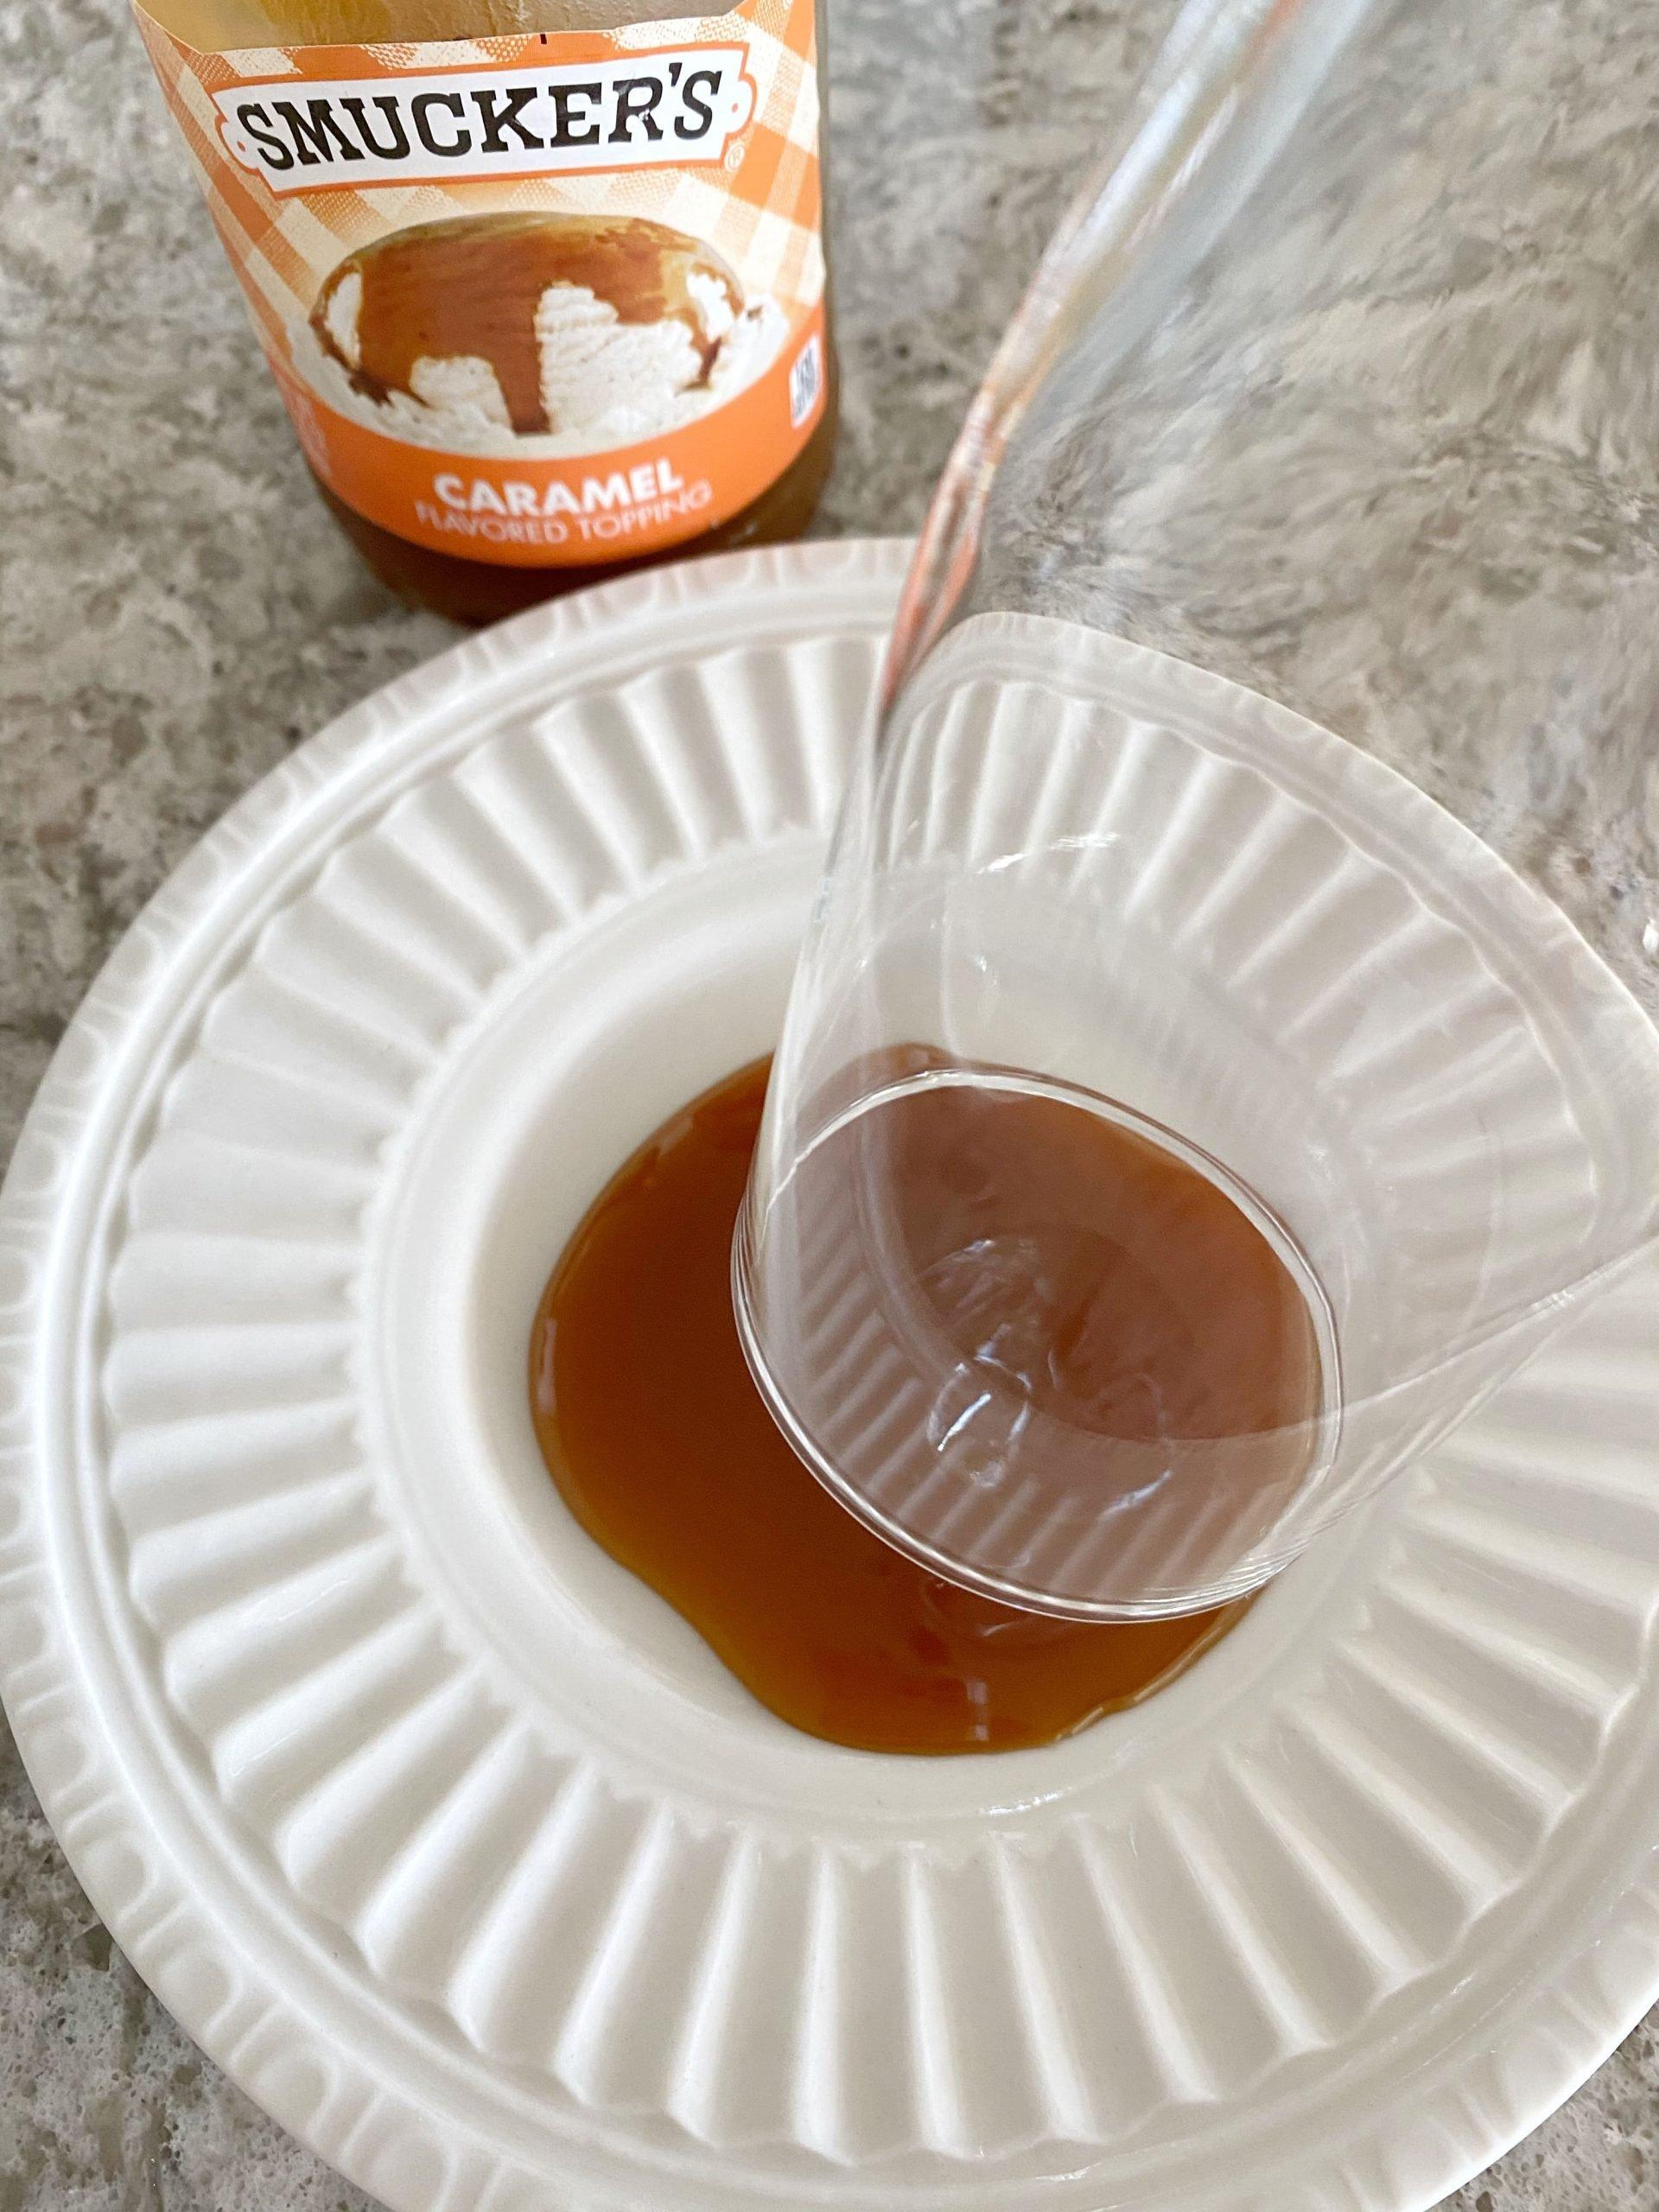 dipping glass rim into caramel sauce